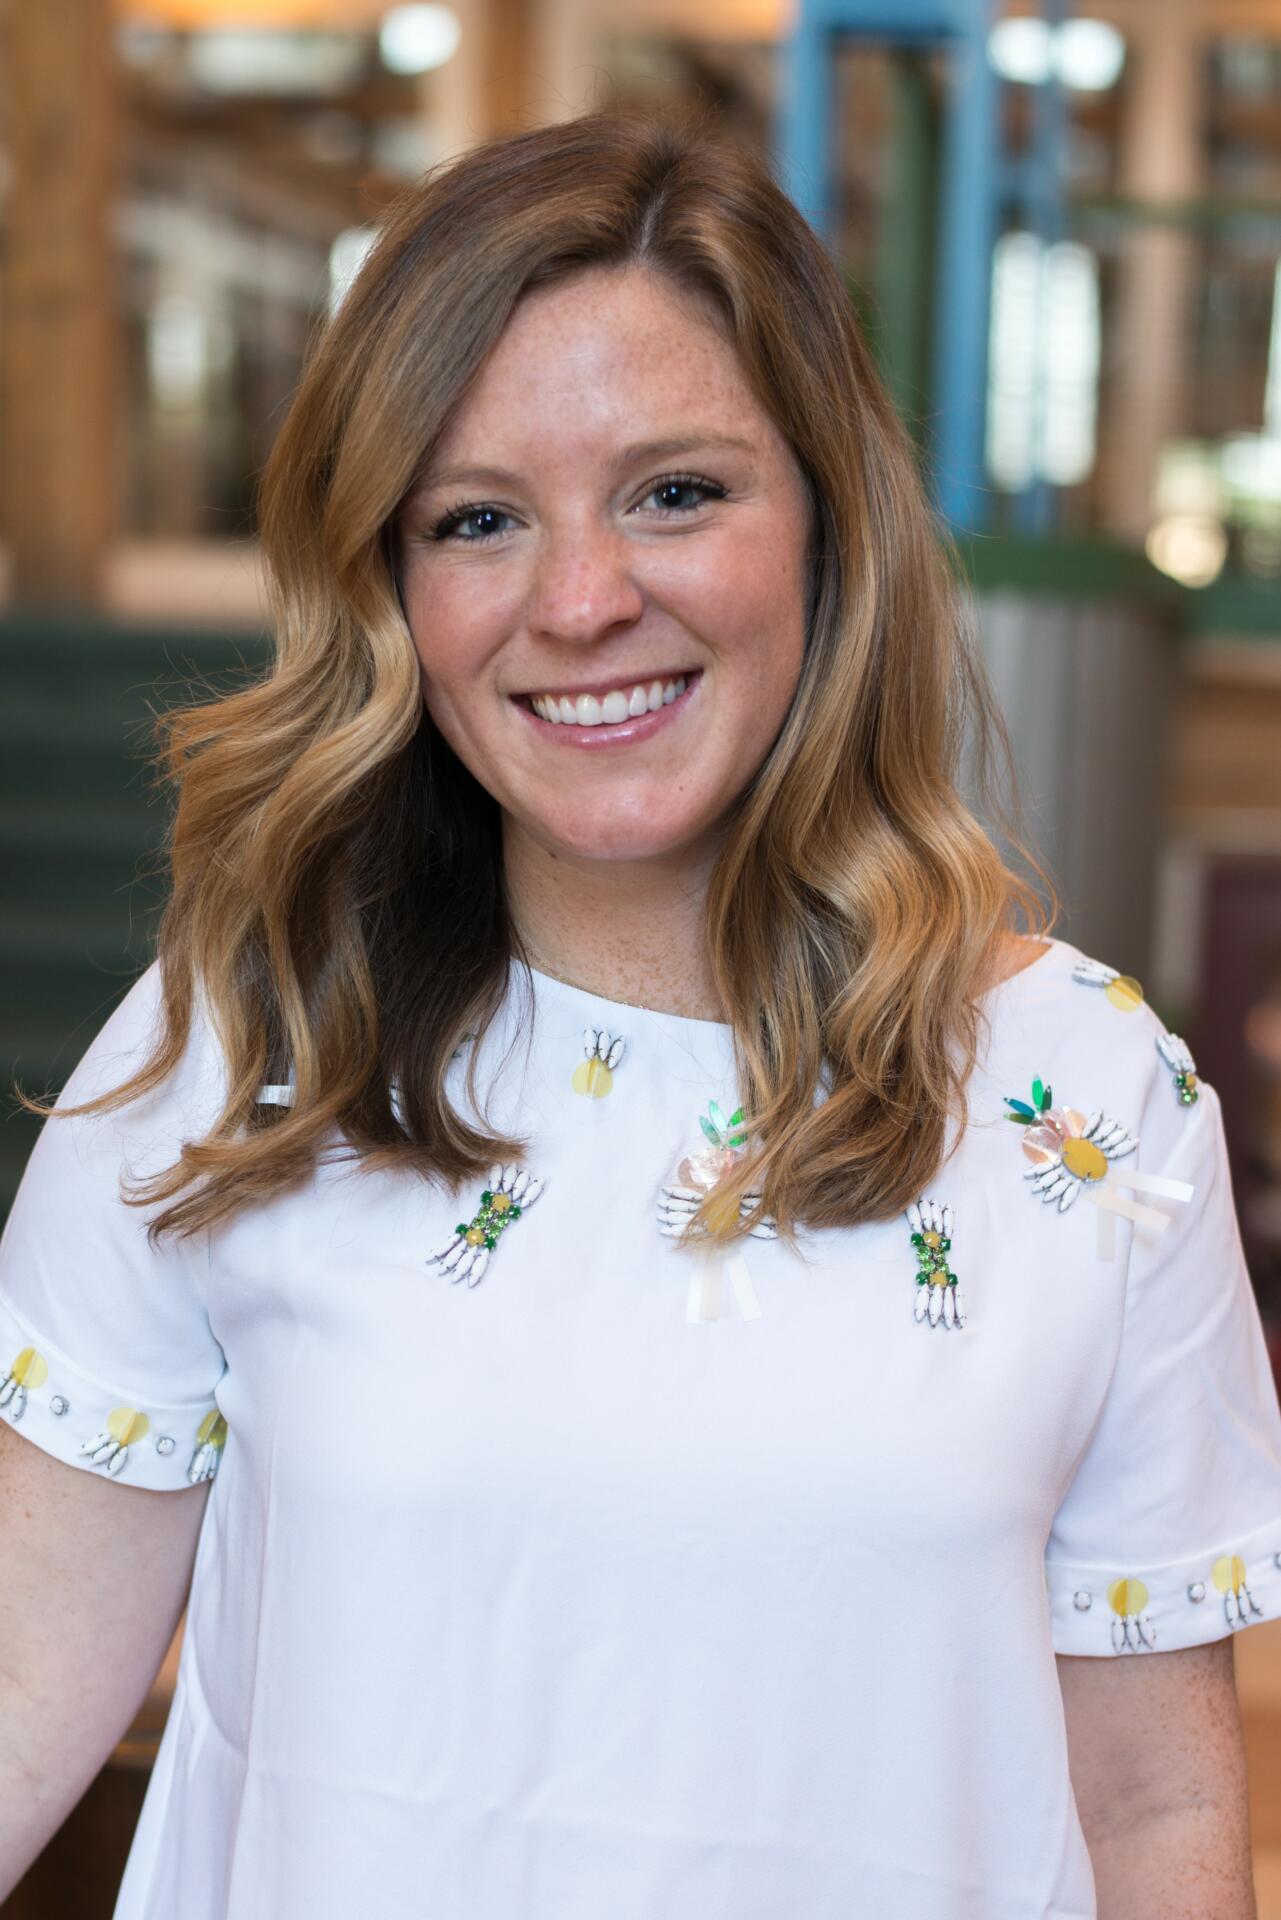 Sarah Krusinski